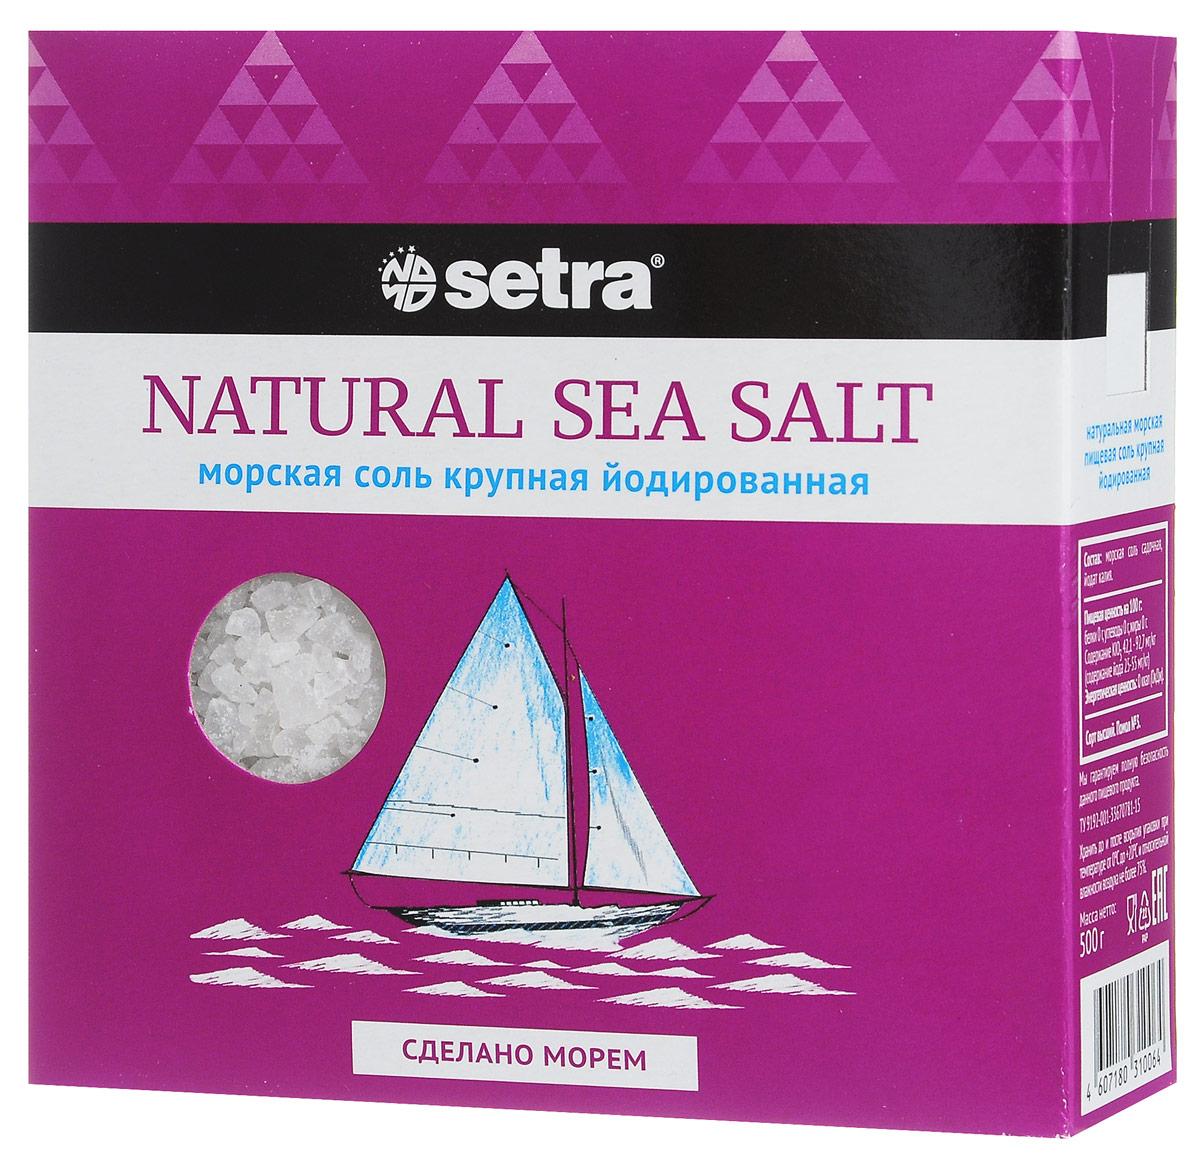 Setra соль морская крупная йодированная, 500 г цена